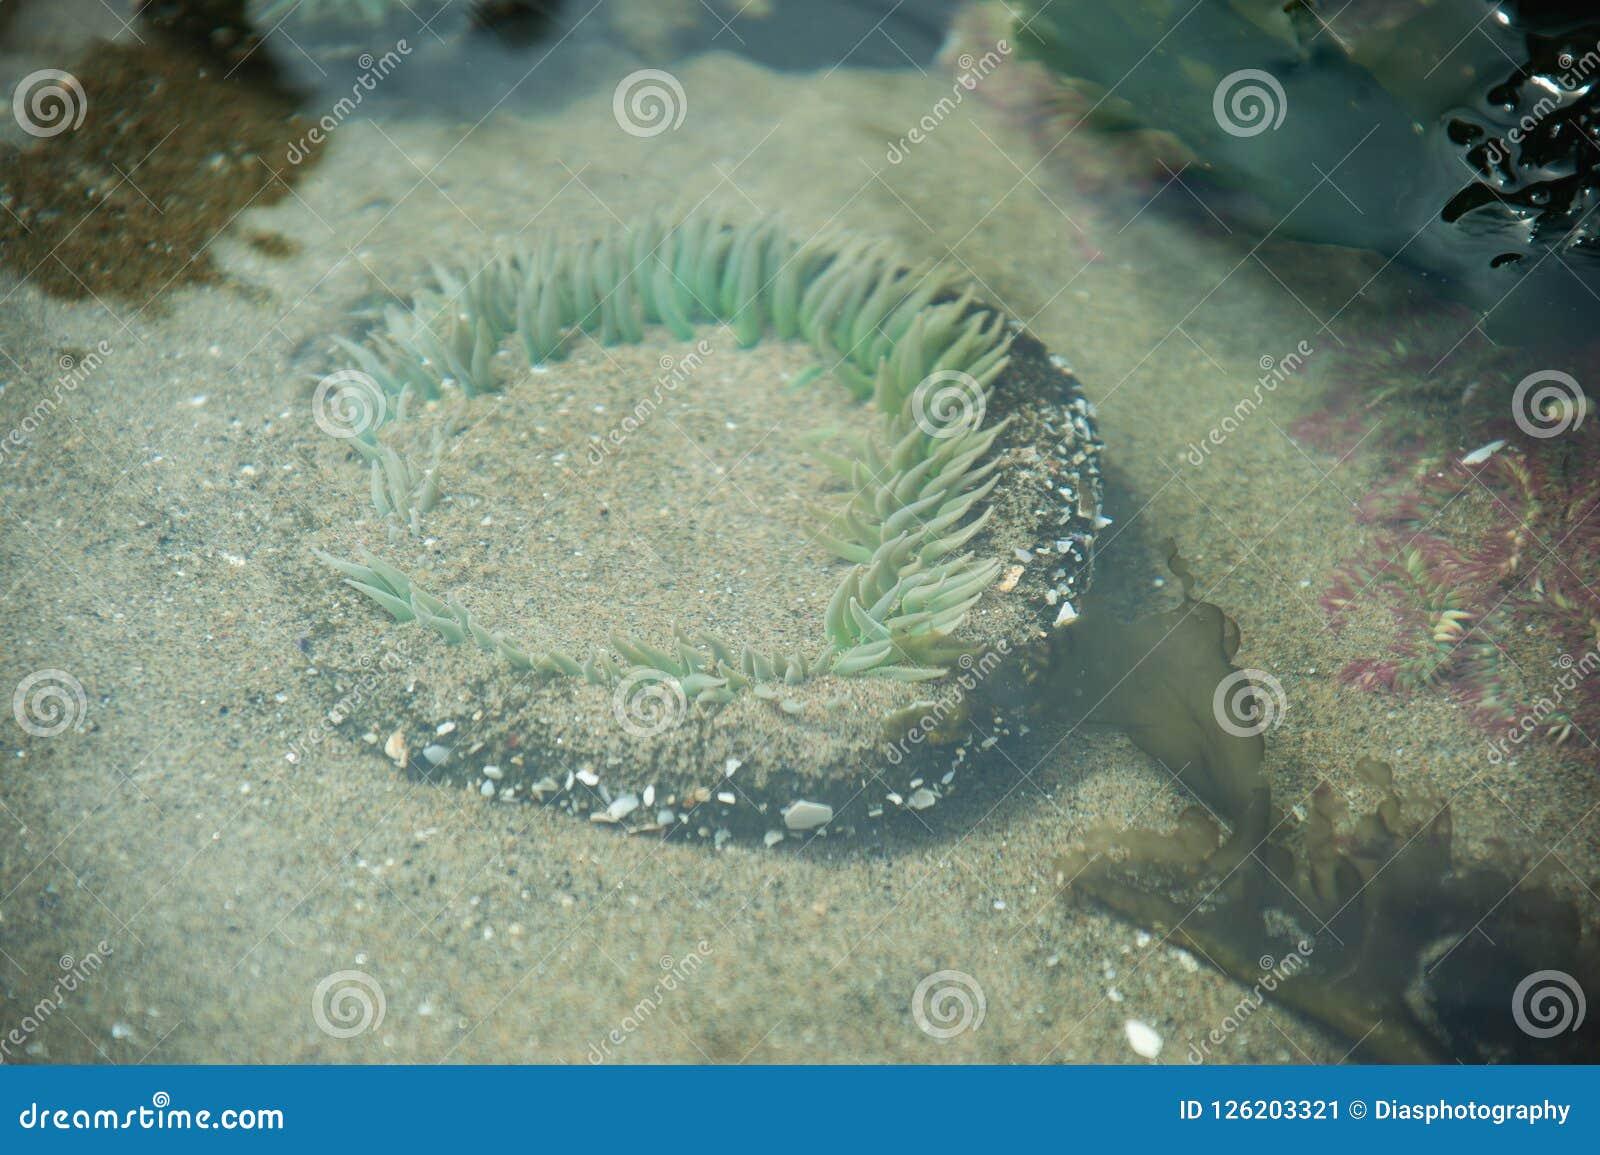 Zielony anemon w płytkim pływowym basenie